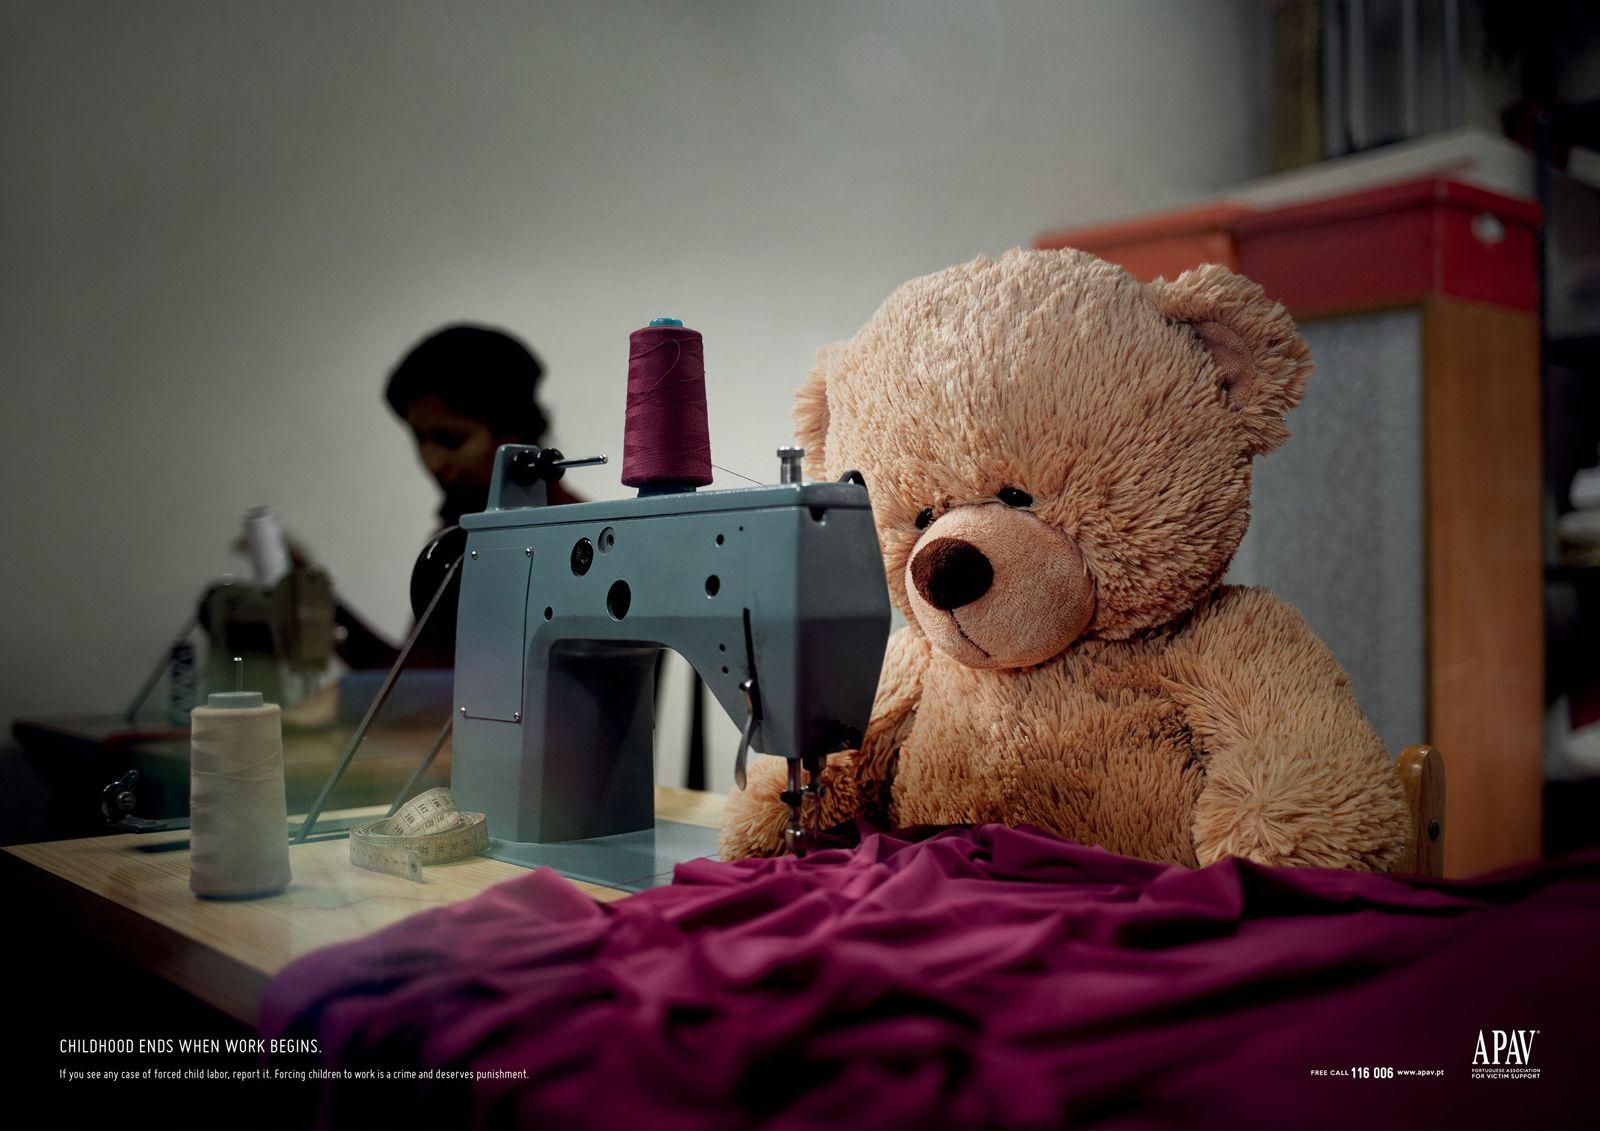 APAV Ad: Teddy, Teletubbies